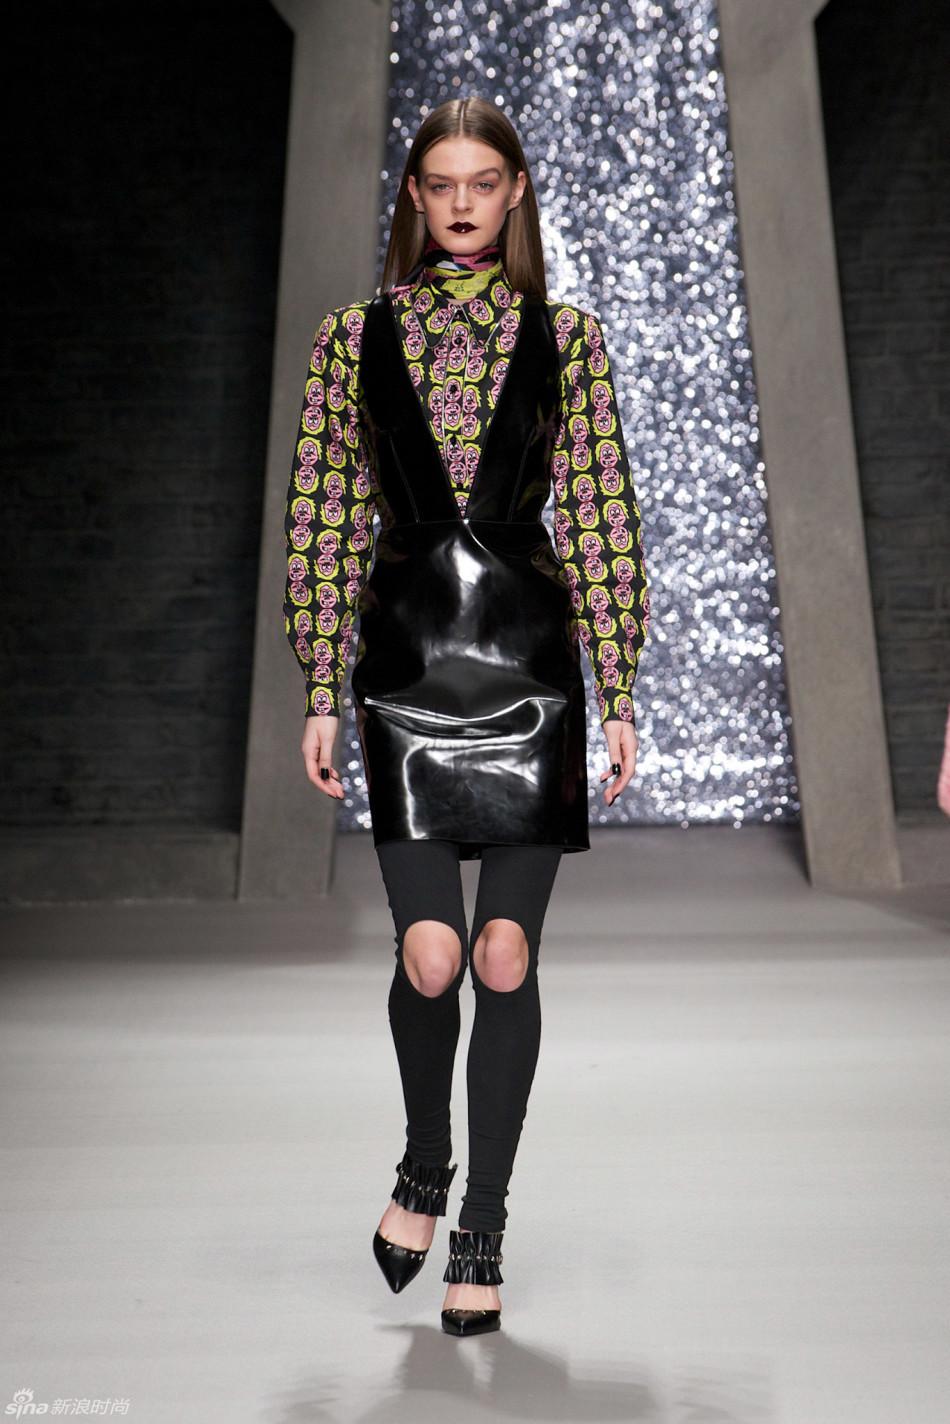 2015年 秋冬高级成衣 Ashley Williams 伦敦时装周 图片